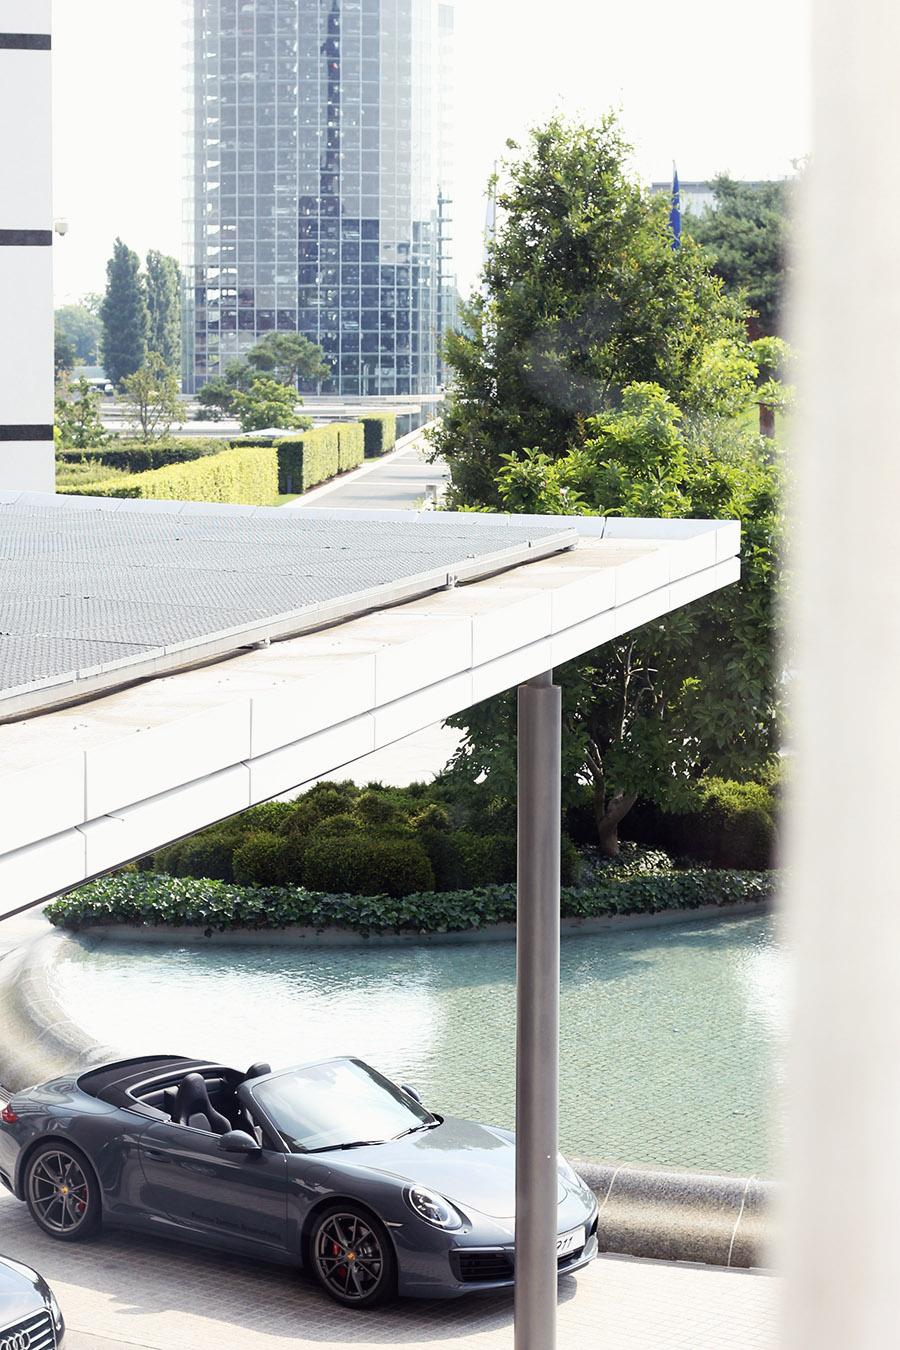 NicetohaveMag-Ritz-Volkswagen-Porsche-Hotelreview-Carlton-Autostadt-Wolfsburg